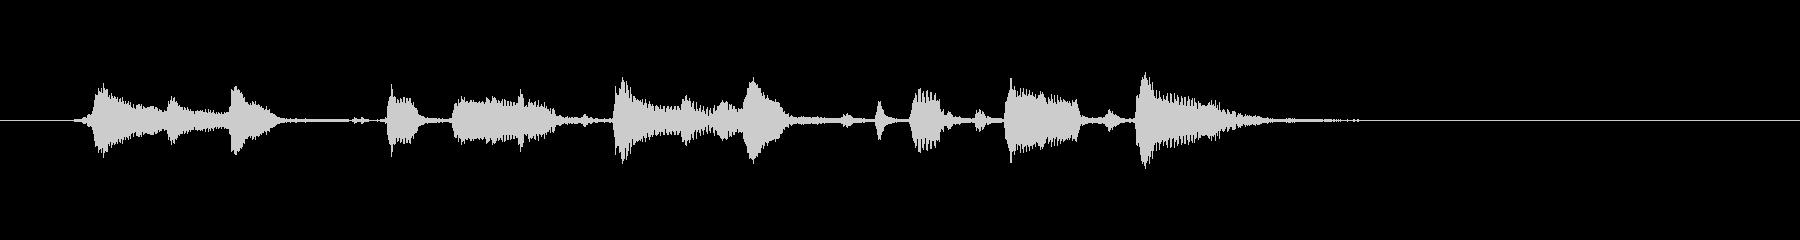 アコースティックギター-ハッピーリ...の未再生の波形